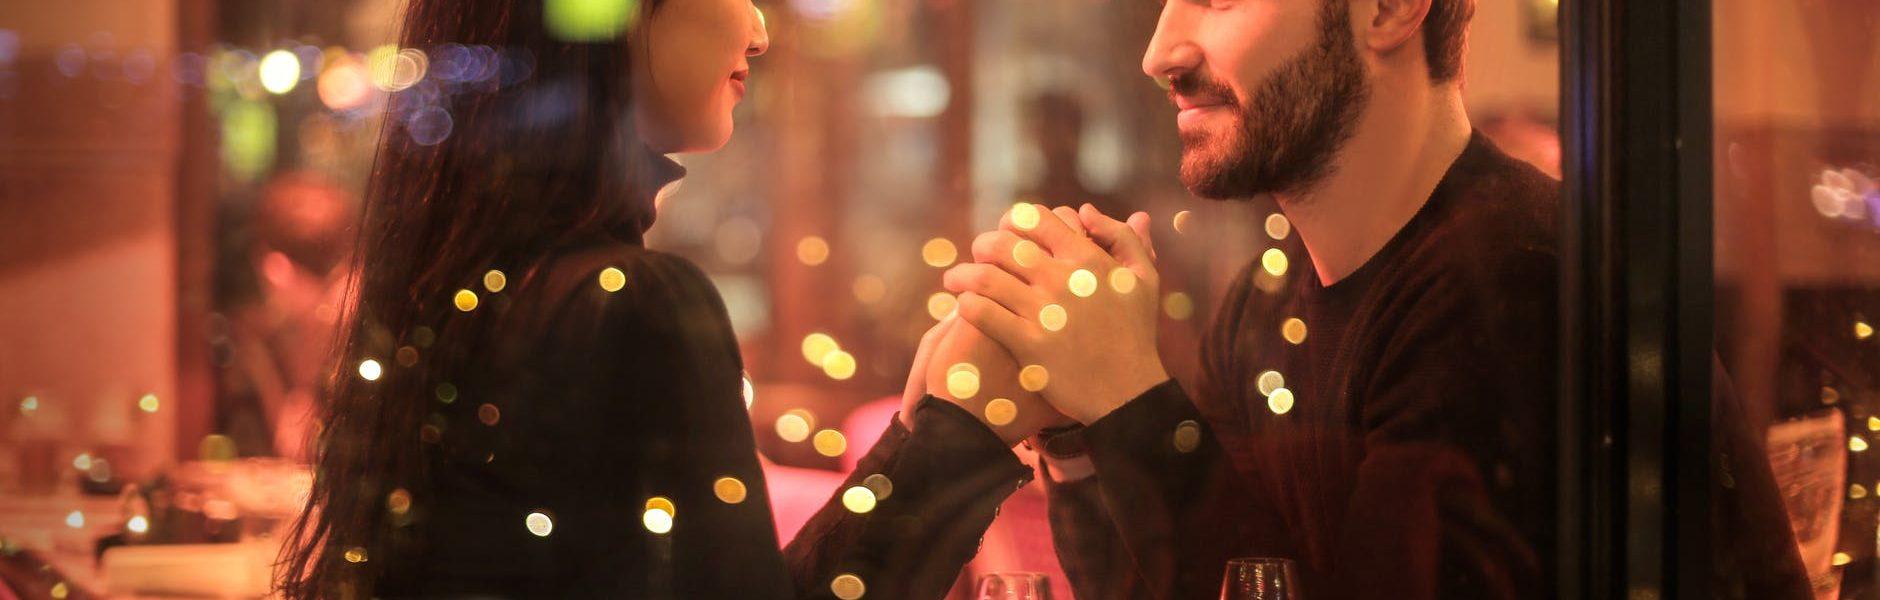 czym jest romans dla mężczyzny?